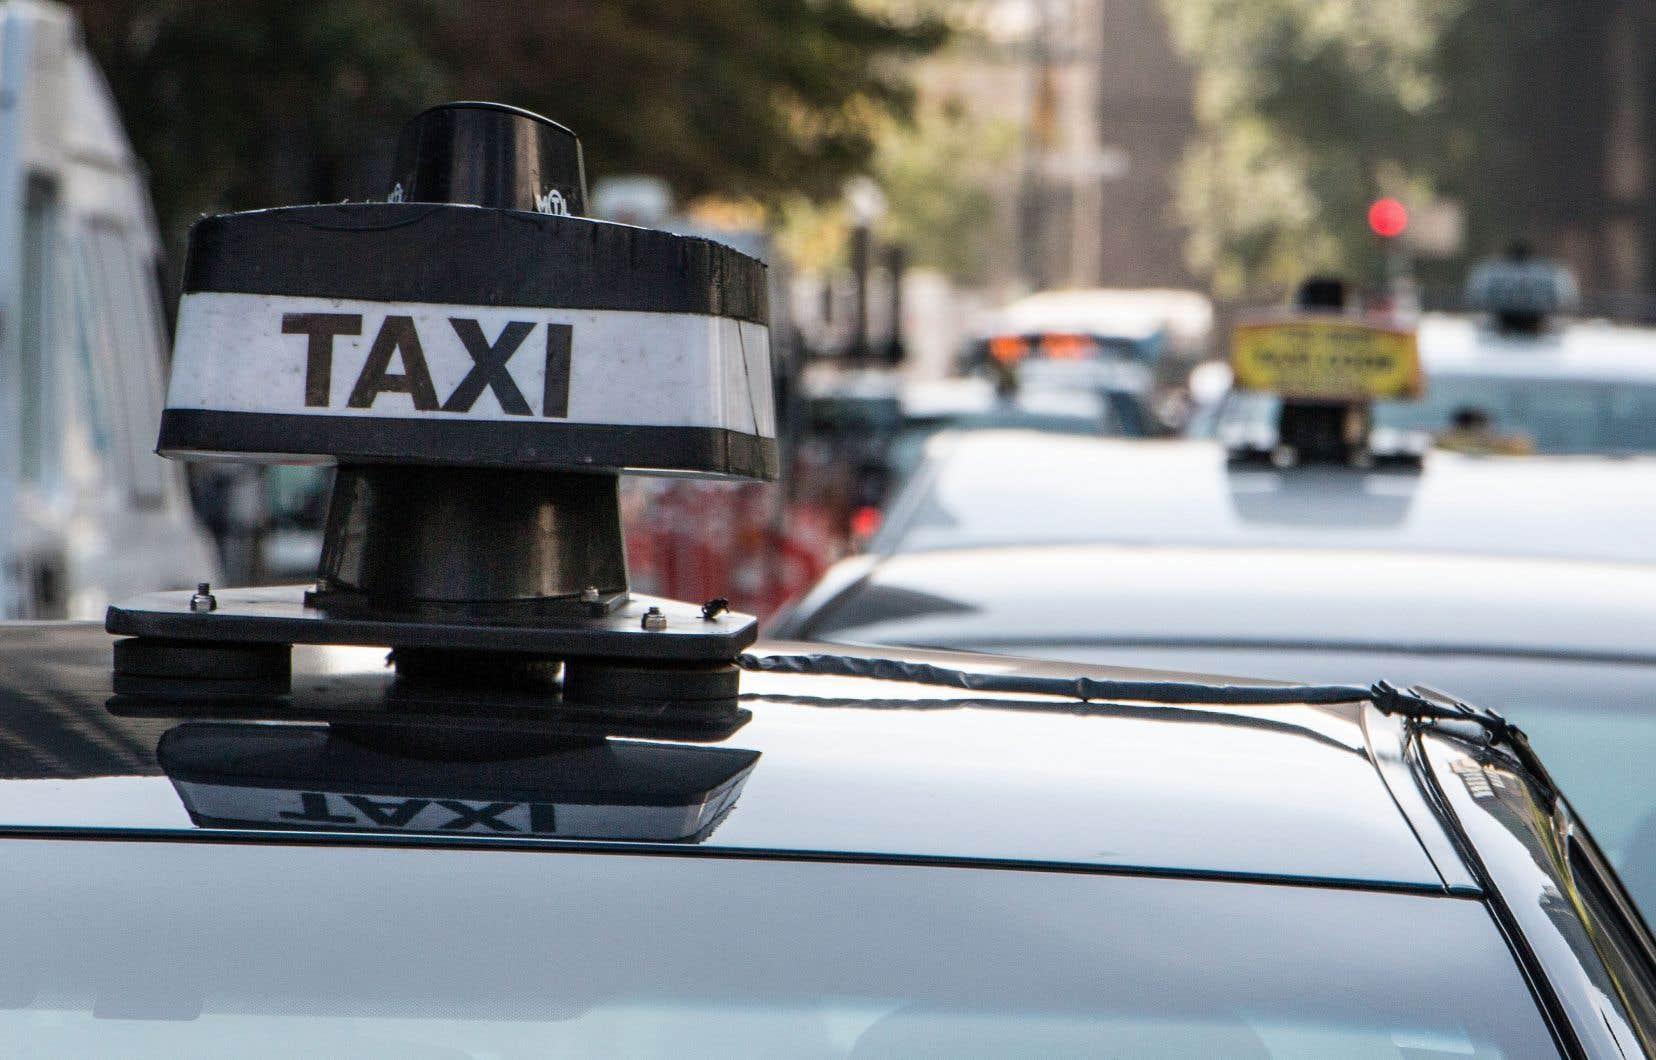 Le gouvernement compensera les détenteurs de permis de taxi dont la valeur a chuté depuis l'arrivée d'Uber et d'autres applications technologiques.